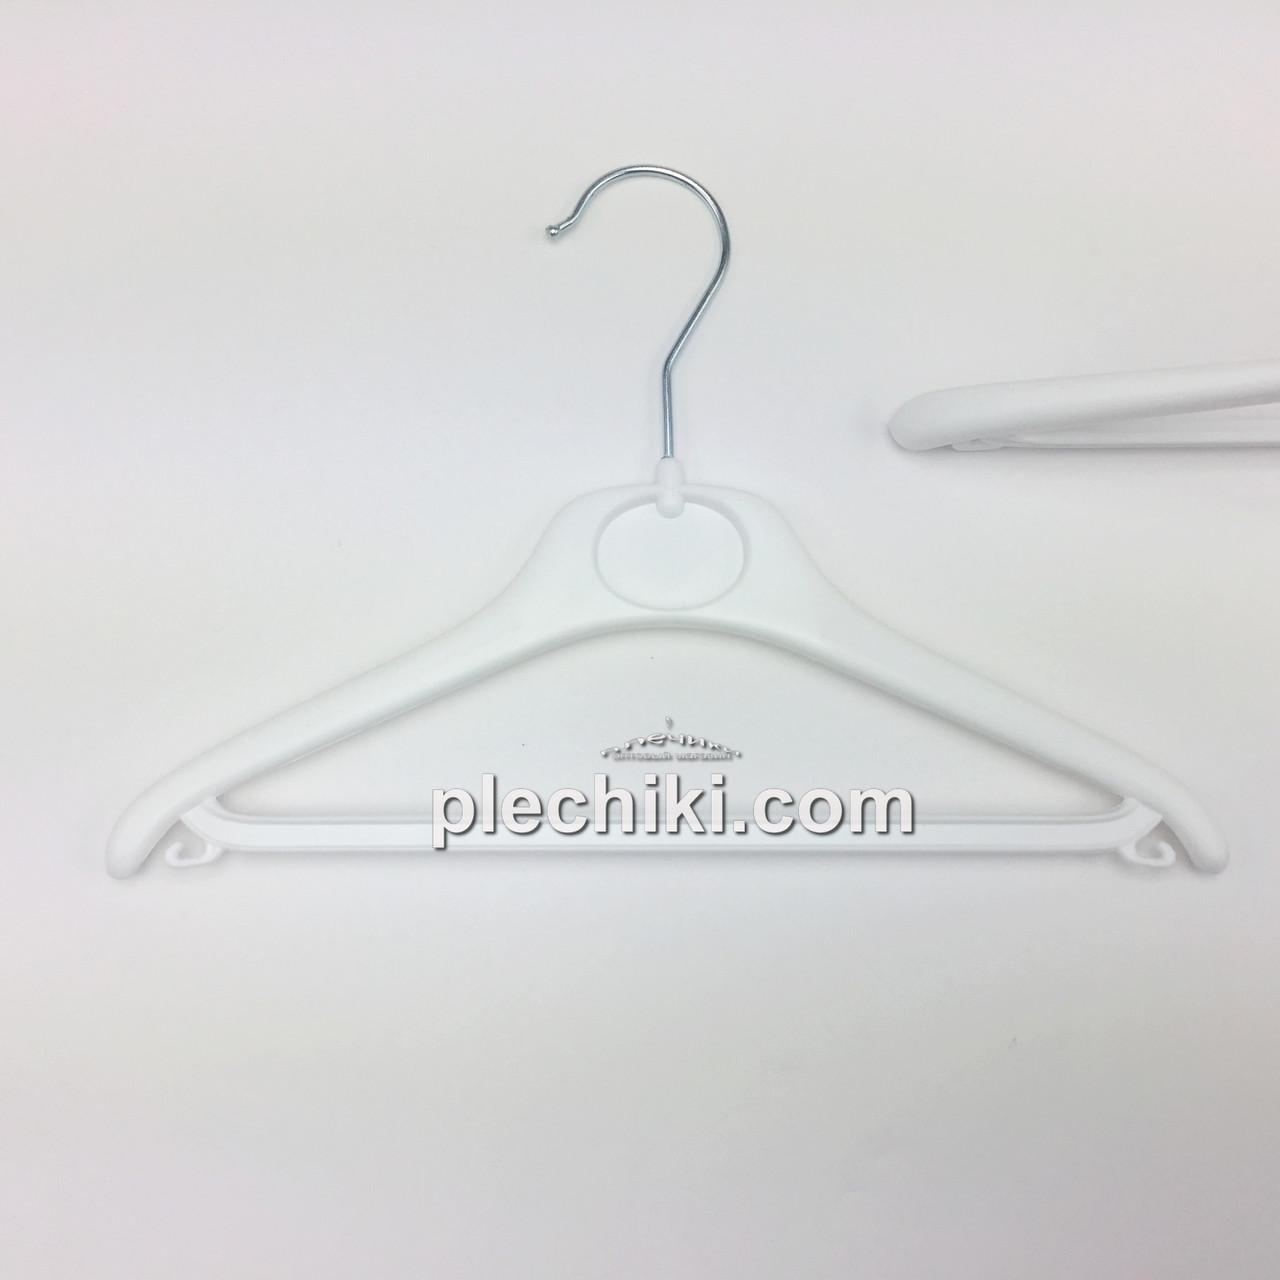 Детские тремпеля для одежды пластиковые W-DY30 белого цвета, длина 300 мм